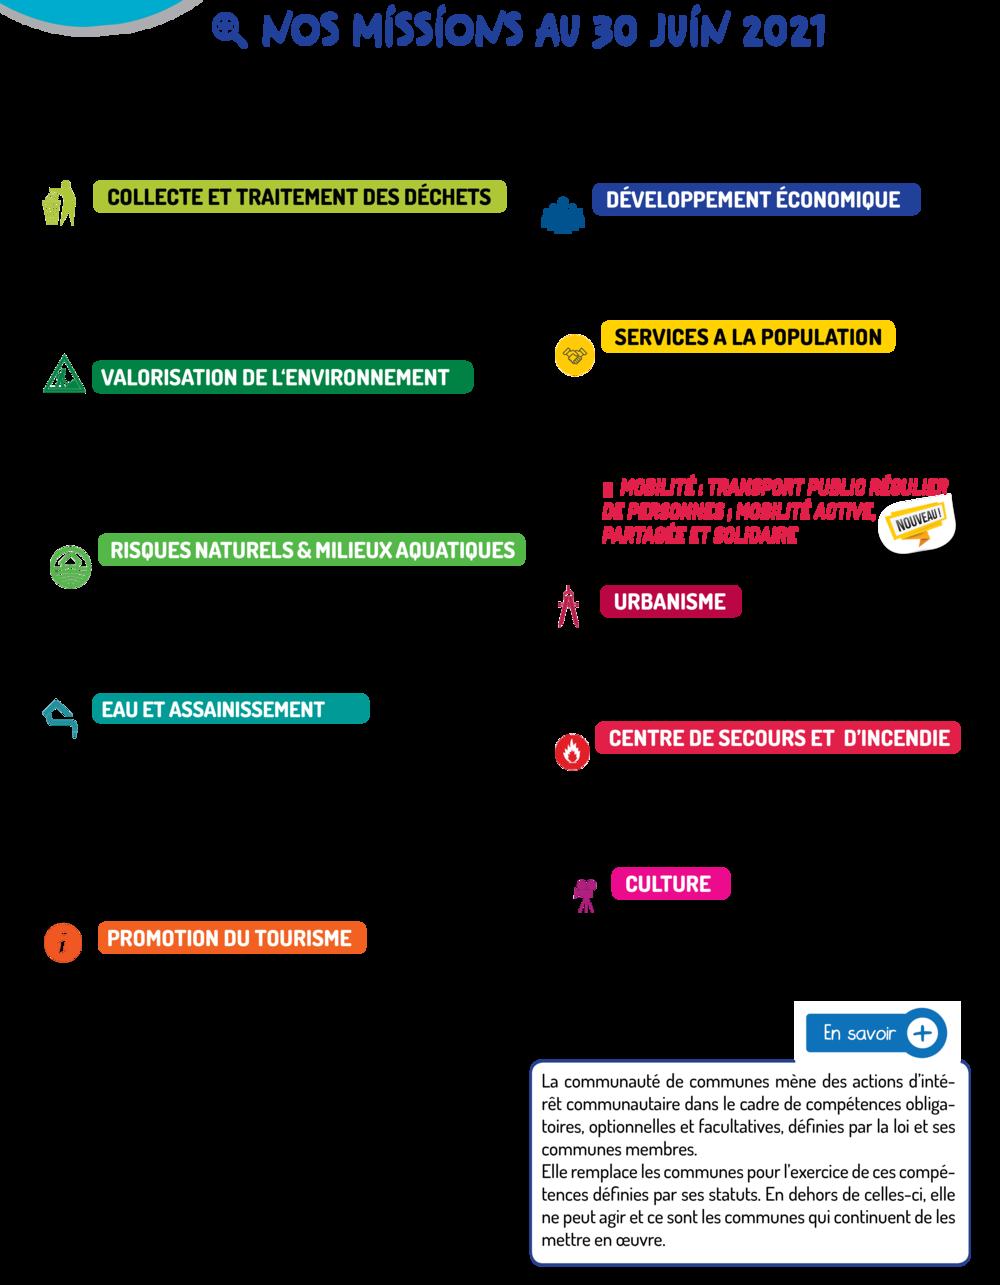 Nos compétences clés au 30 Juin2021